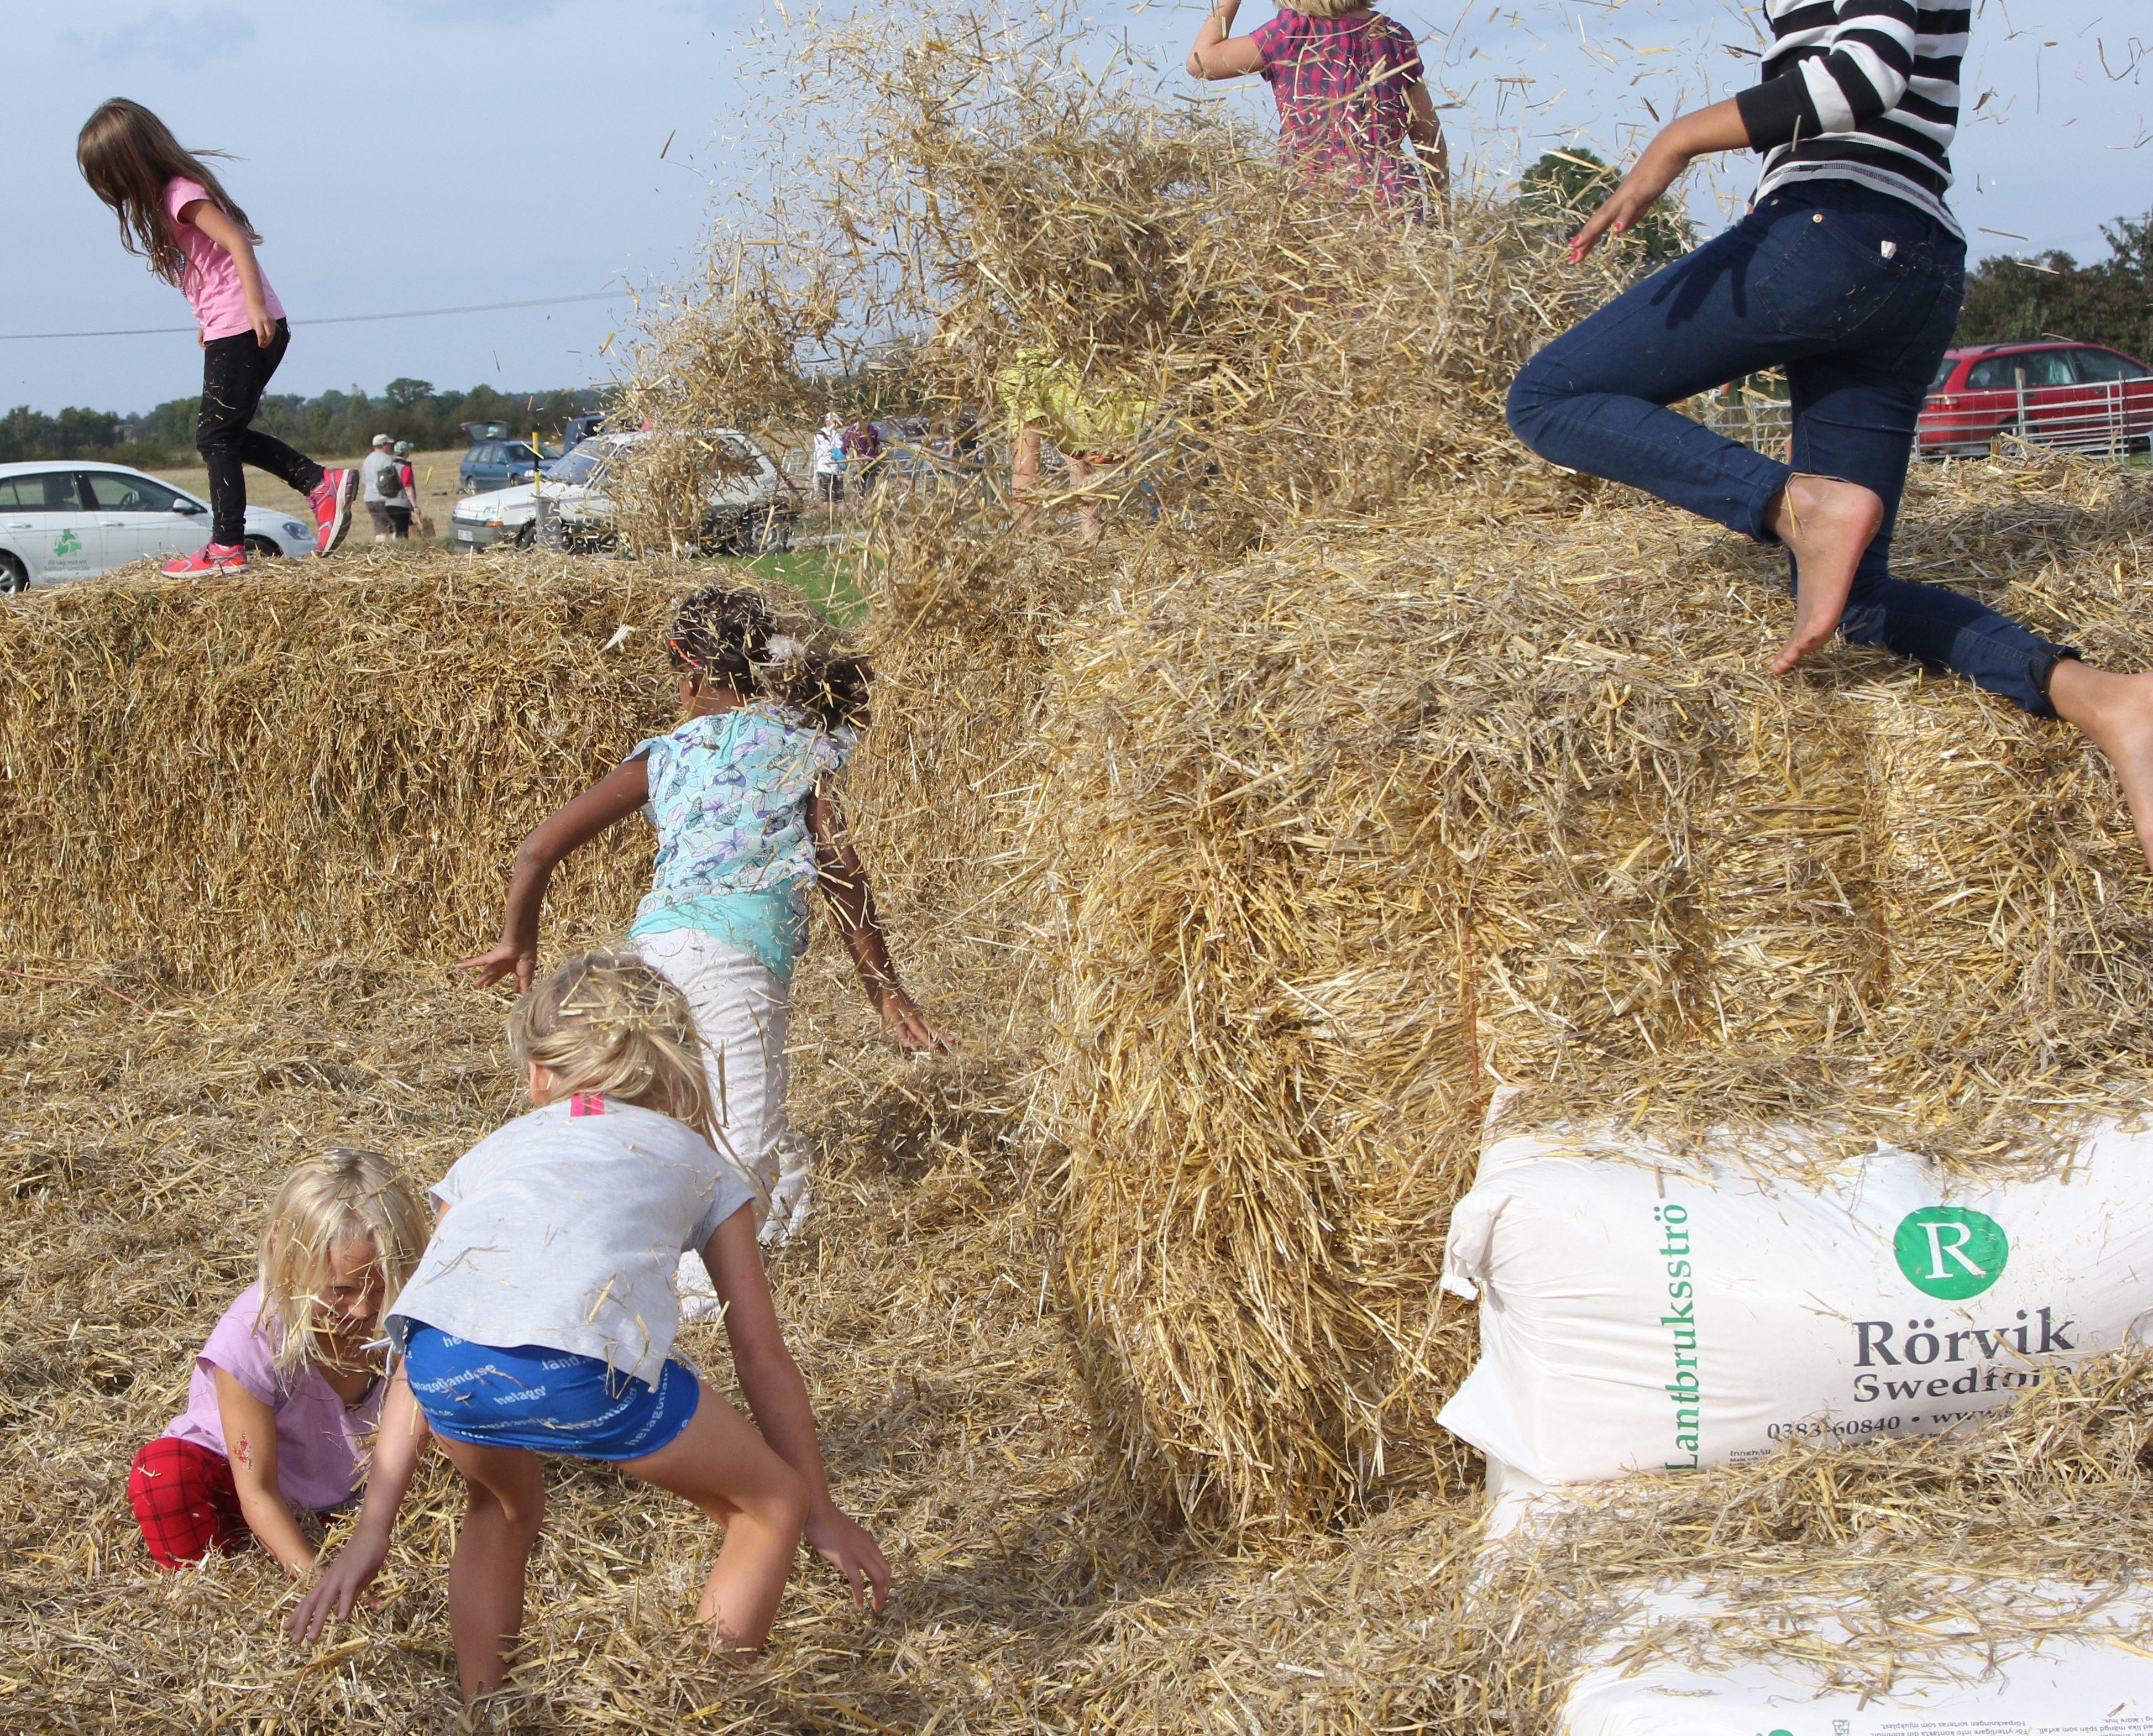 Gotlands Skördefestival 1-dagarspass